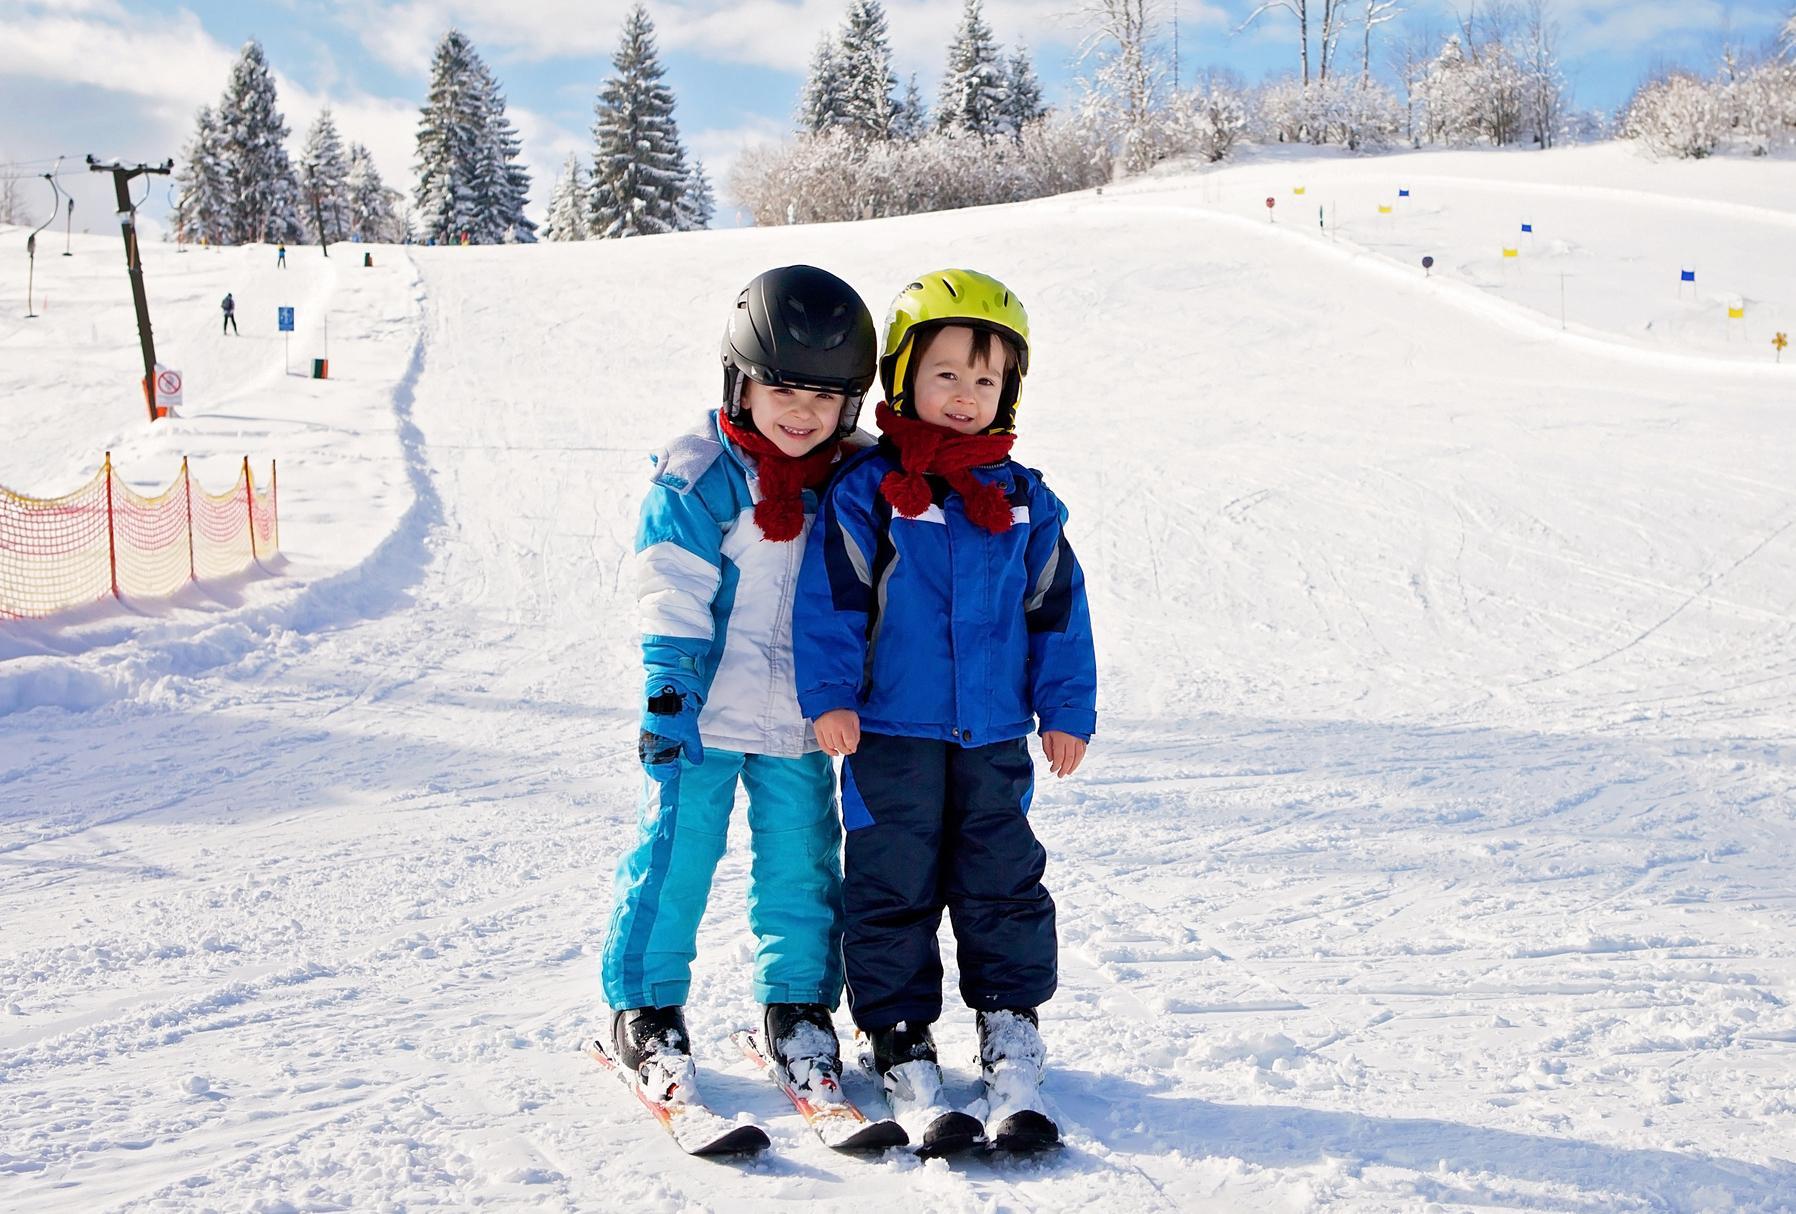 Skilessen voor kinderen - licht gevorderd